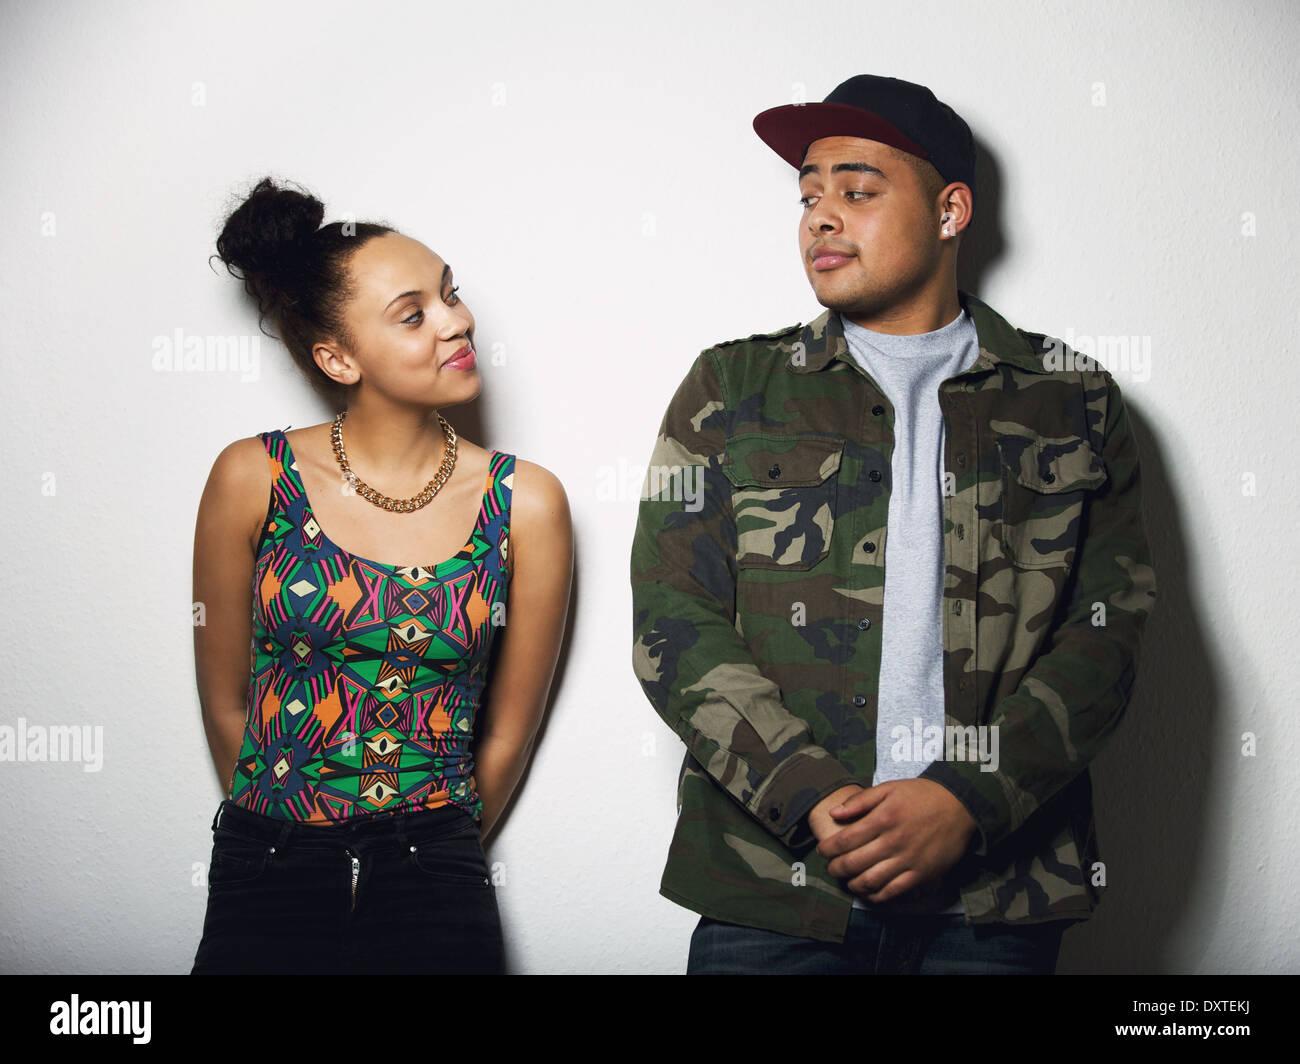 Junger Mann und Frau einander mit Haltung betrachten. Junges Paar in Freizeitkleidung auf grauem Hintergrund. Stockbild